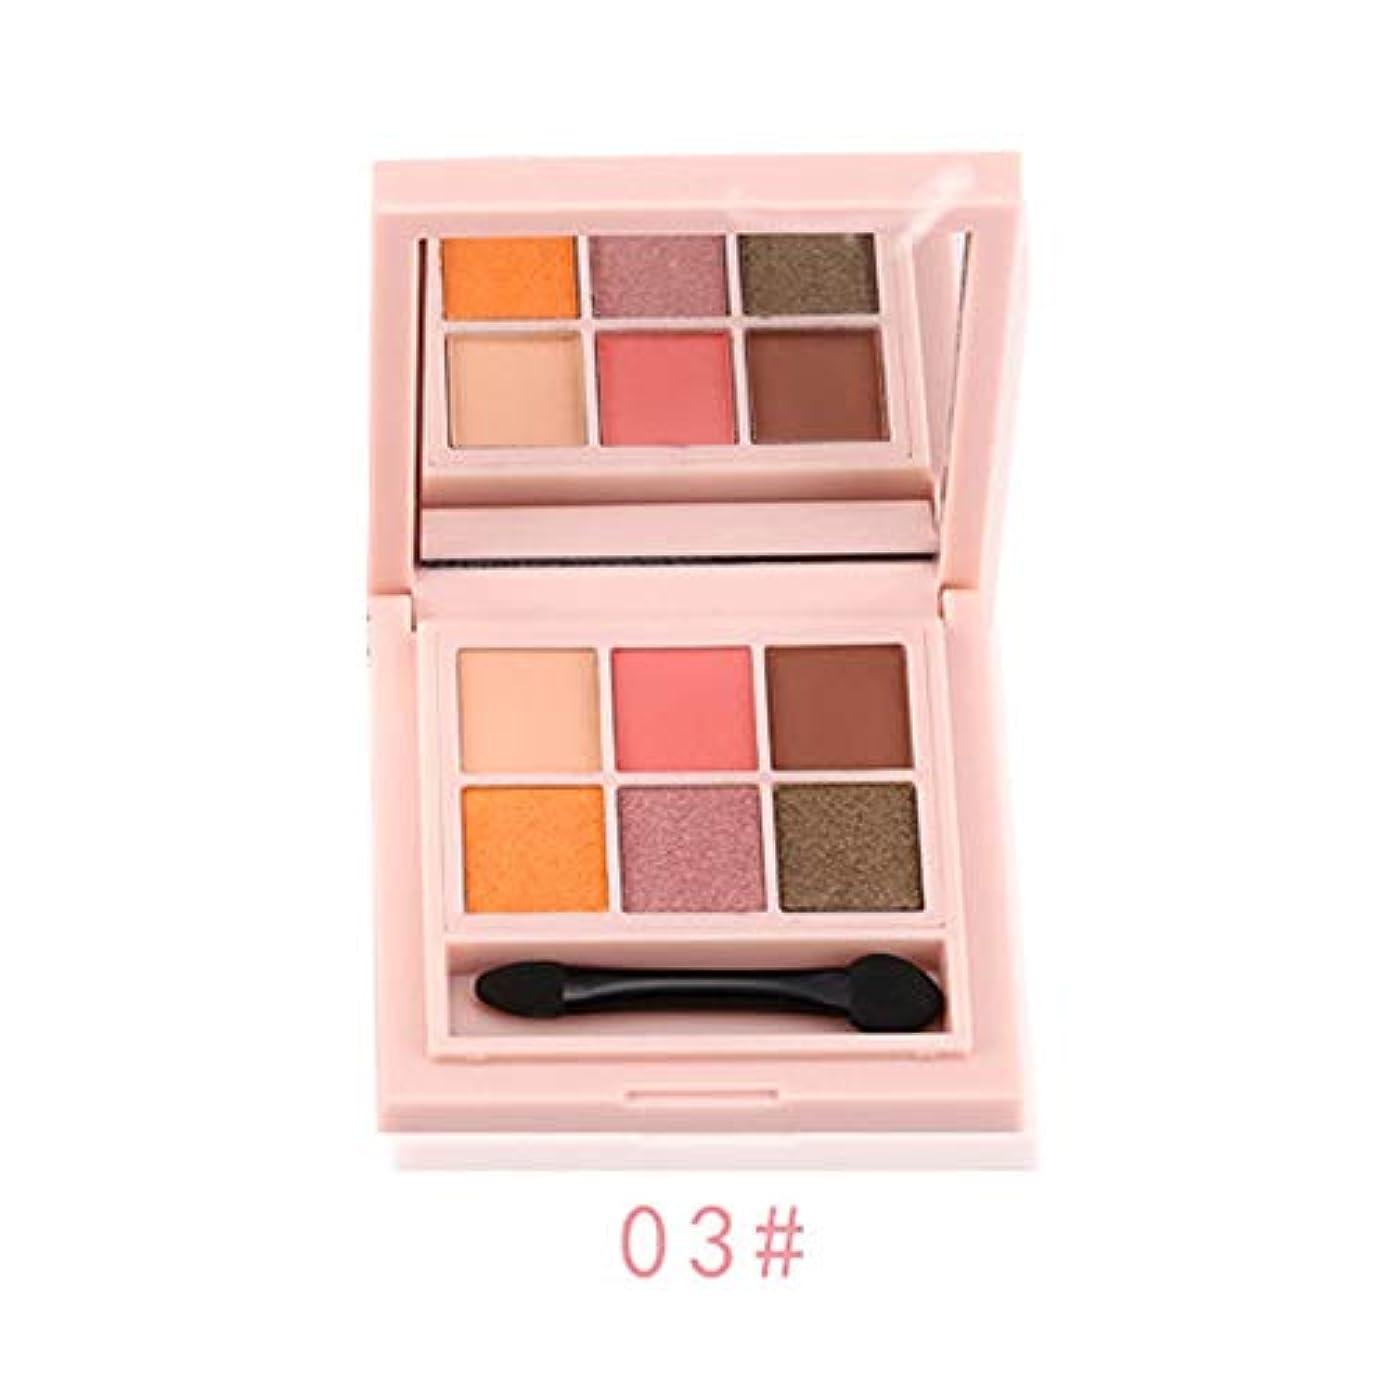 並外れて知り合い残高6色入り アイシャドウ パレット Florrita 韓国風 Eye Palette 化粧ブラシ 落ちにくい 綺麗な発色 日常用 メイクアップセット キラキラ アイシャドー パレット パウダーアイシャドウ プレゼント (C)